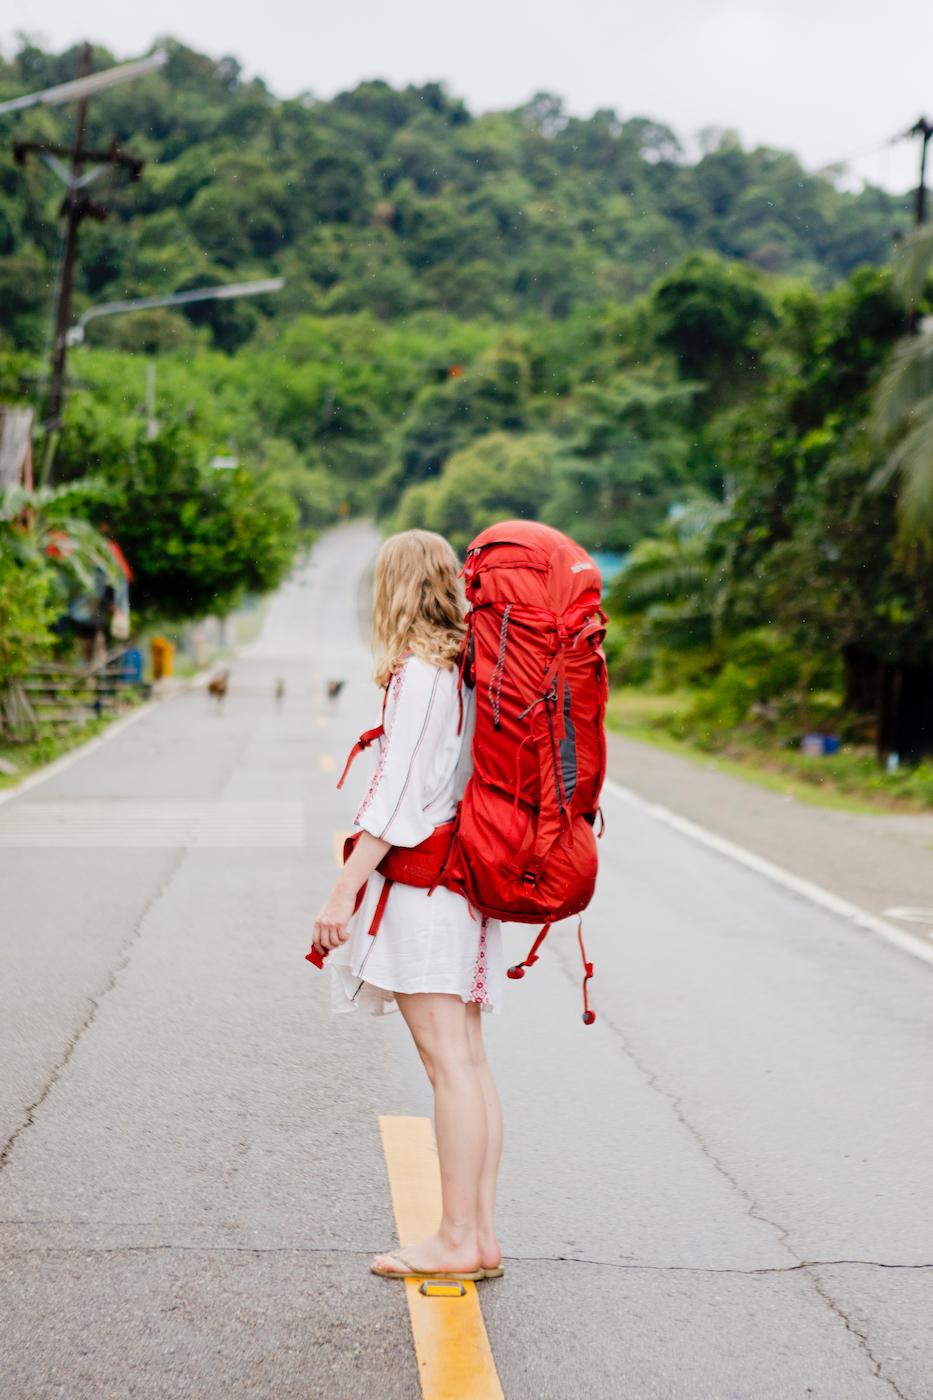 www.thegoldenbun.com |backpacking in thailand, tatonka yukon backpack travel